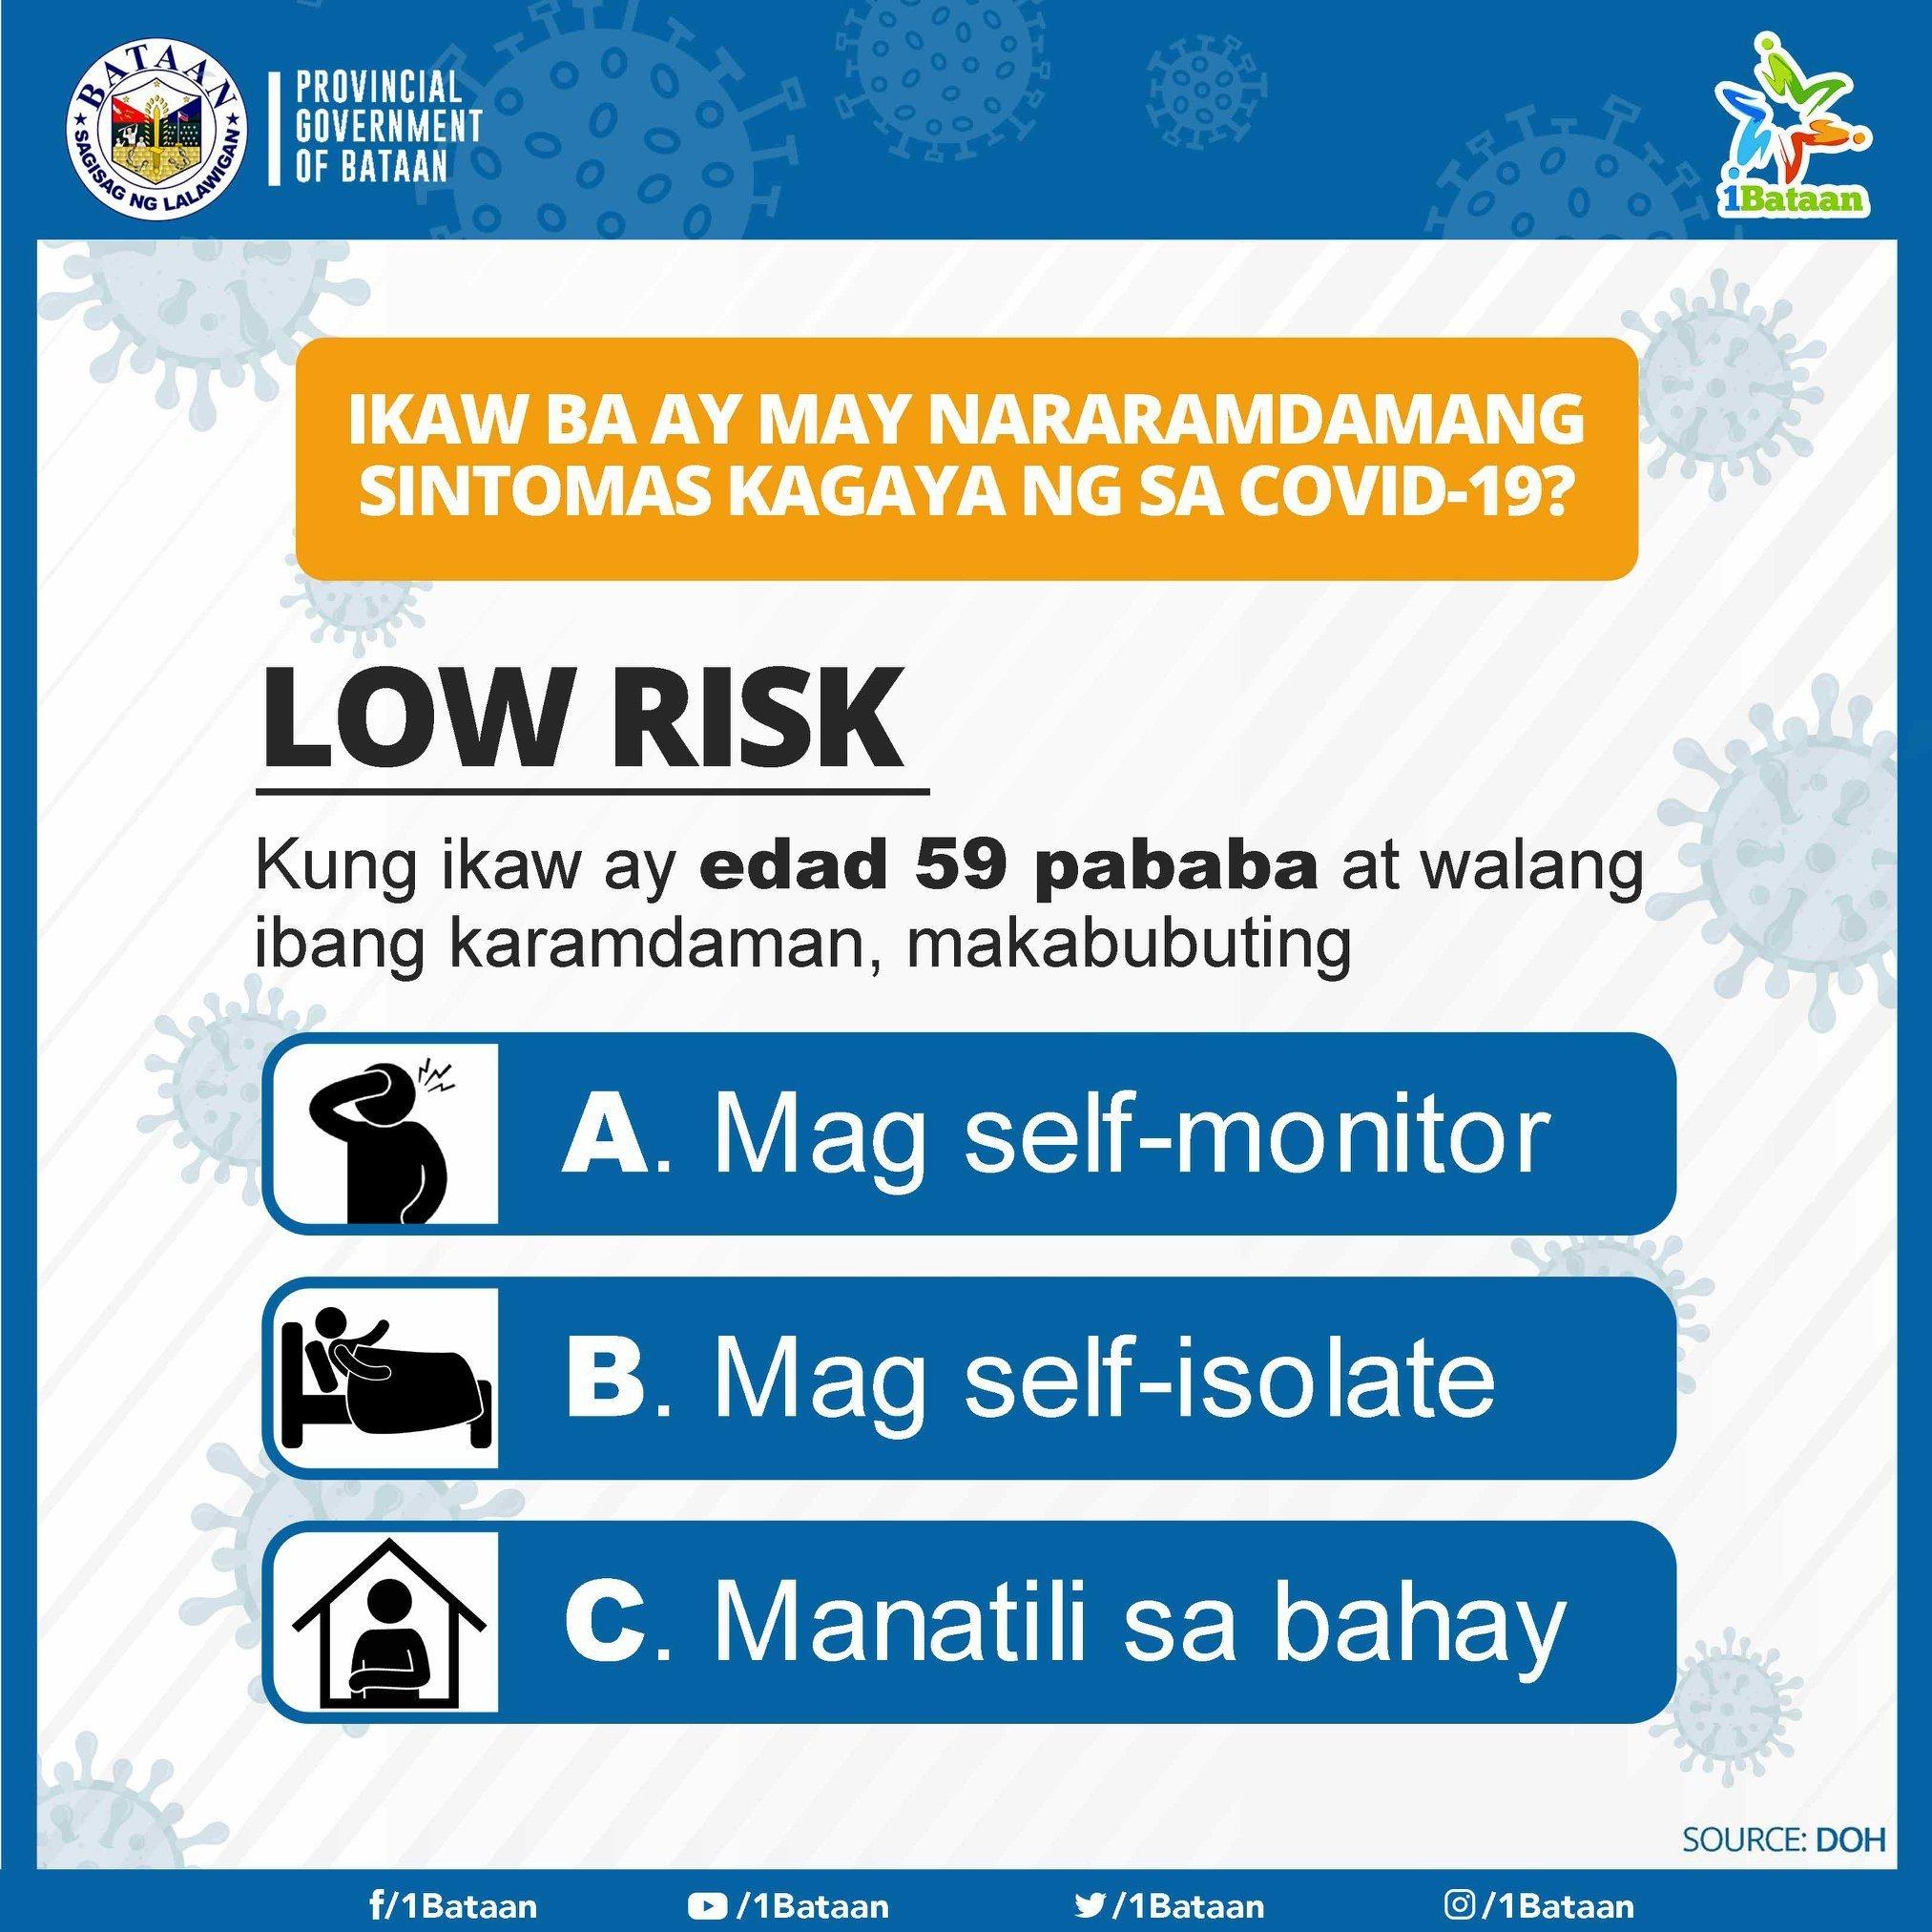 Ikaw ba ay may nararamdamang sintomas kagaya ng sa Covid-19 -